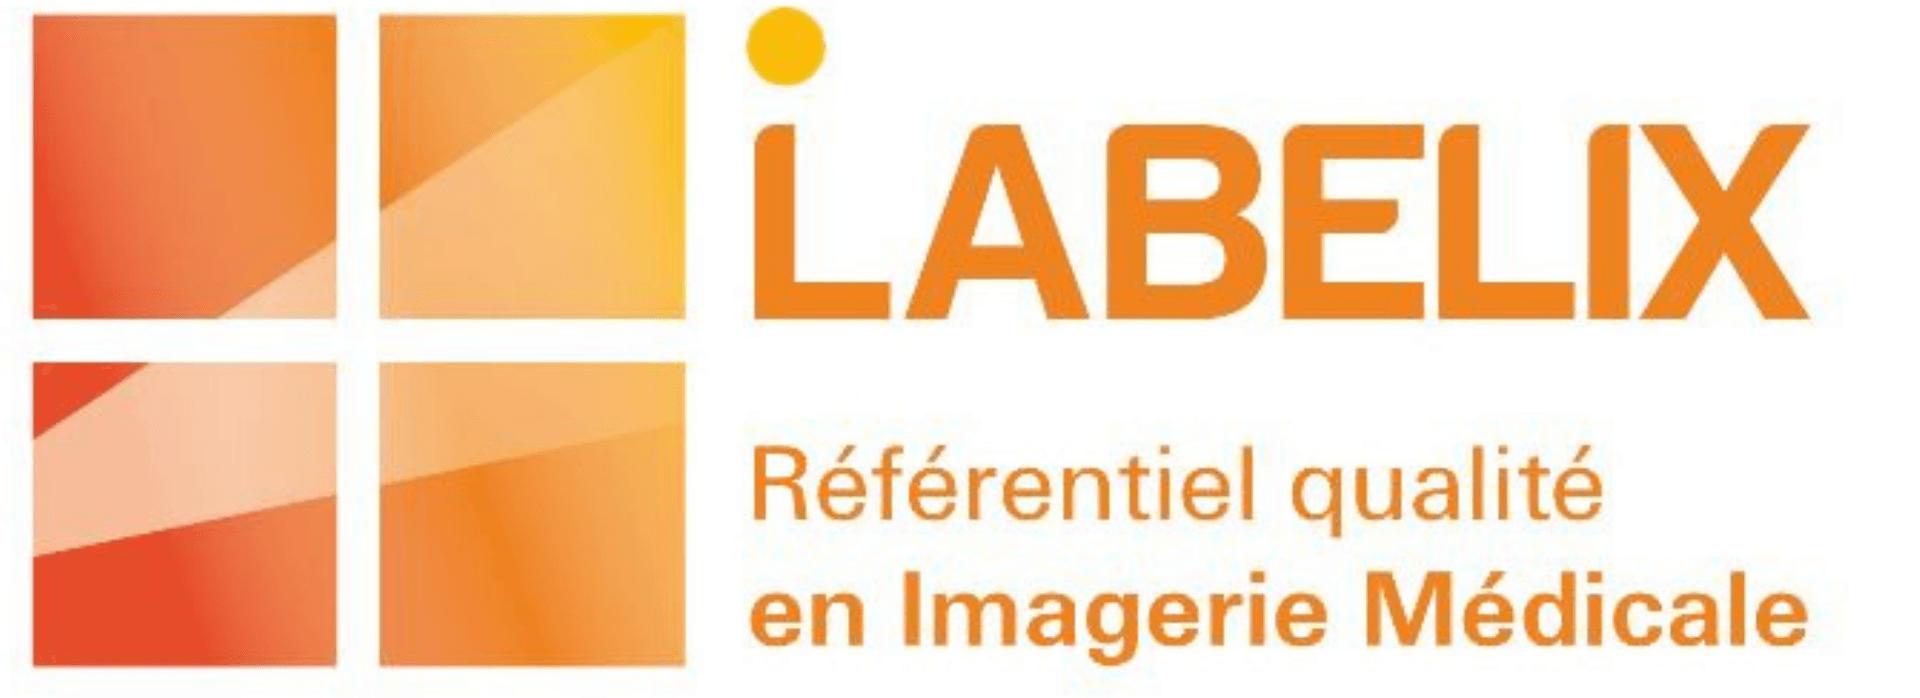 Nouveau référentiel Labelix